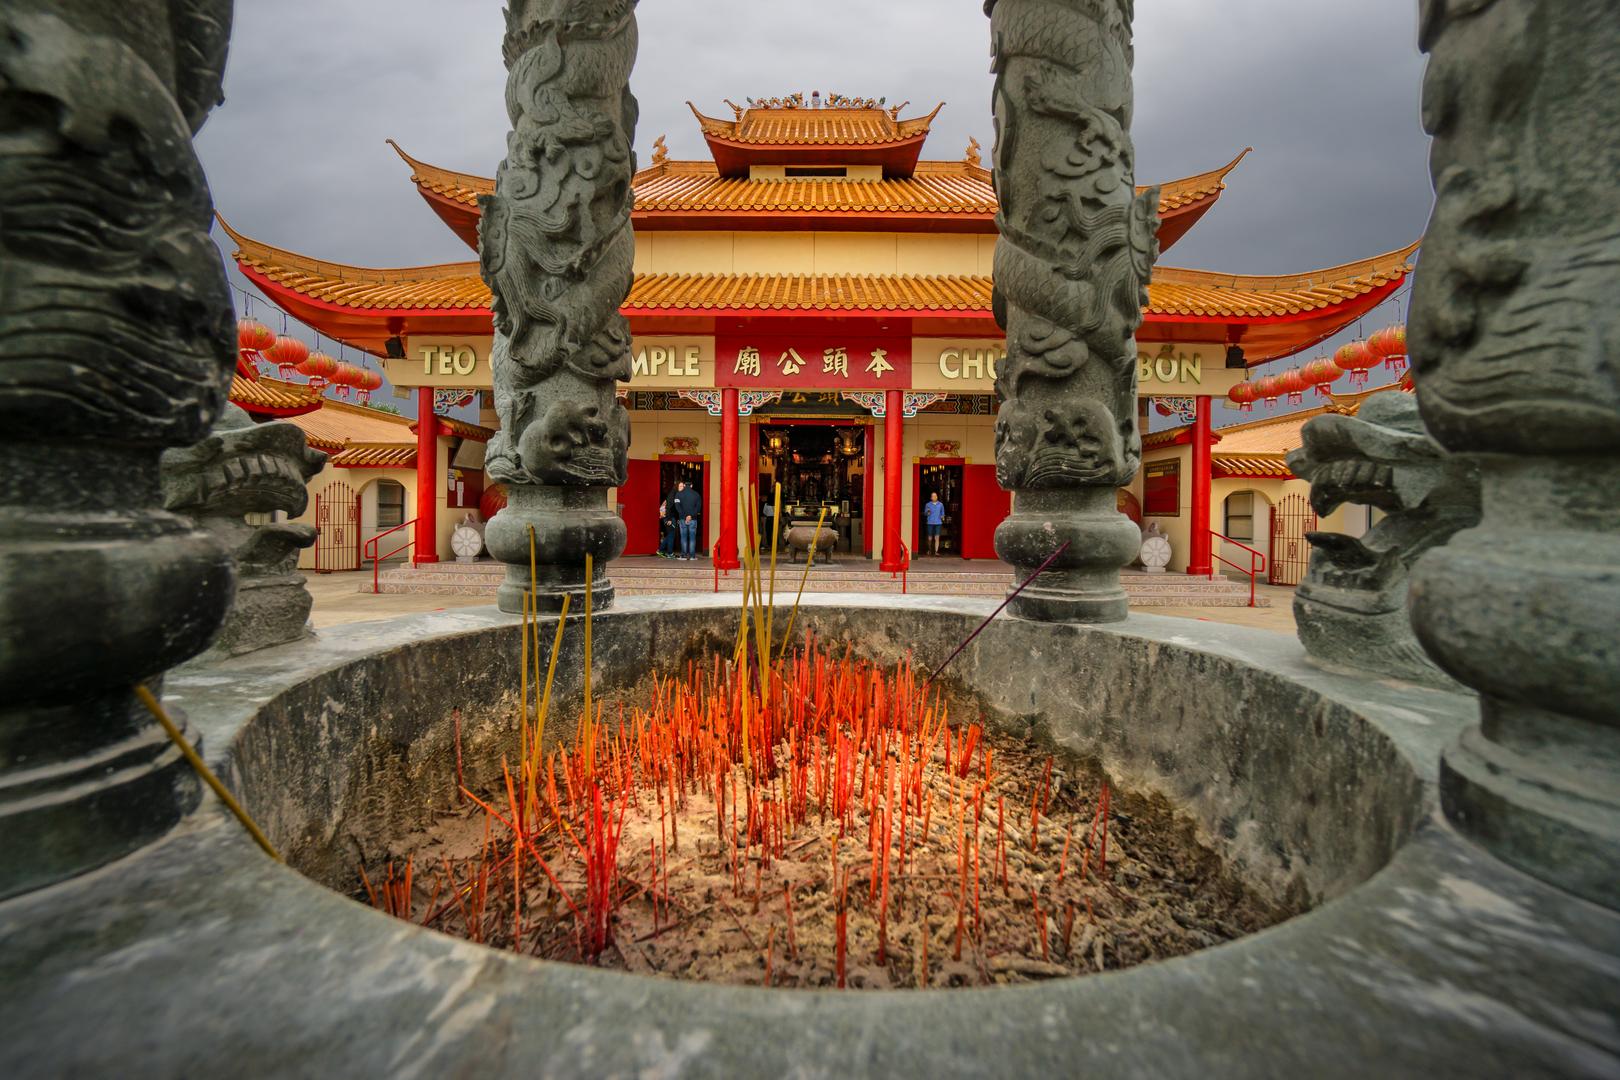 Teo-Chew Temple